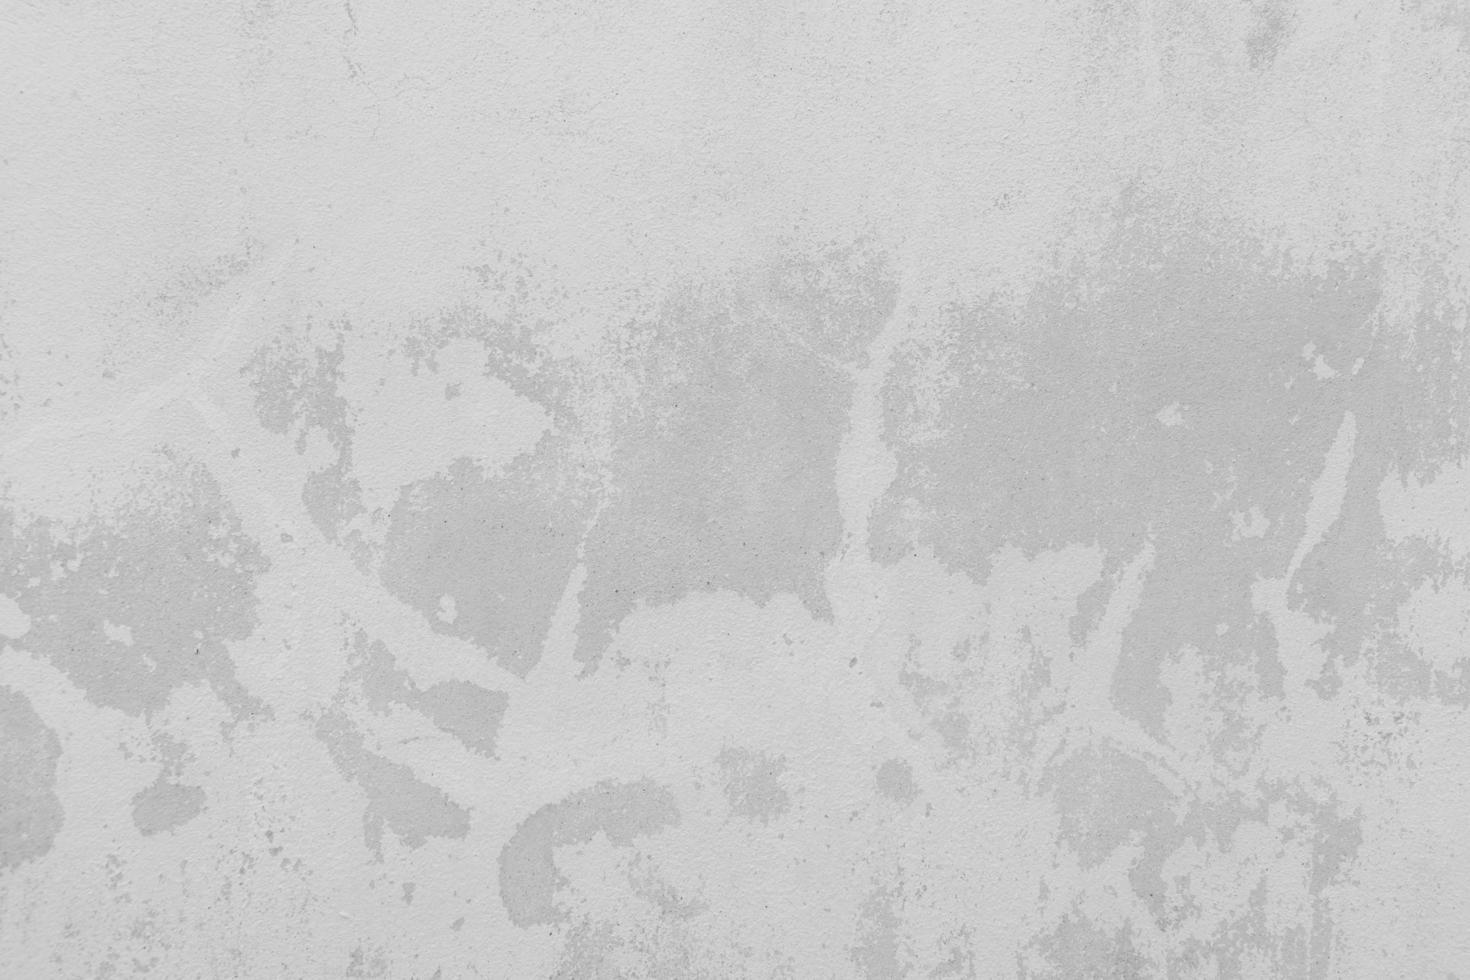 struttura in cemento bianco foto